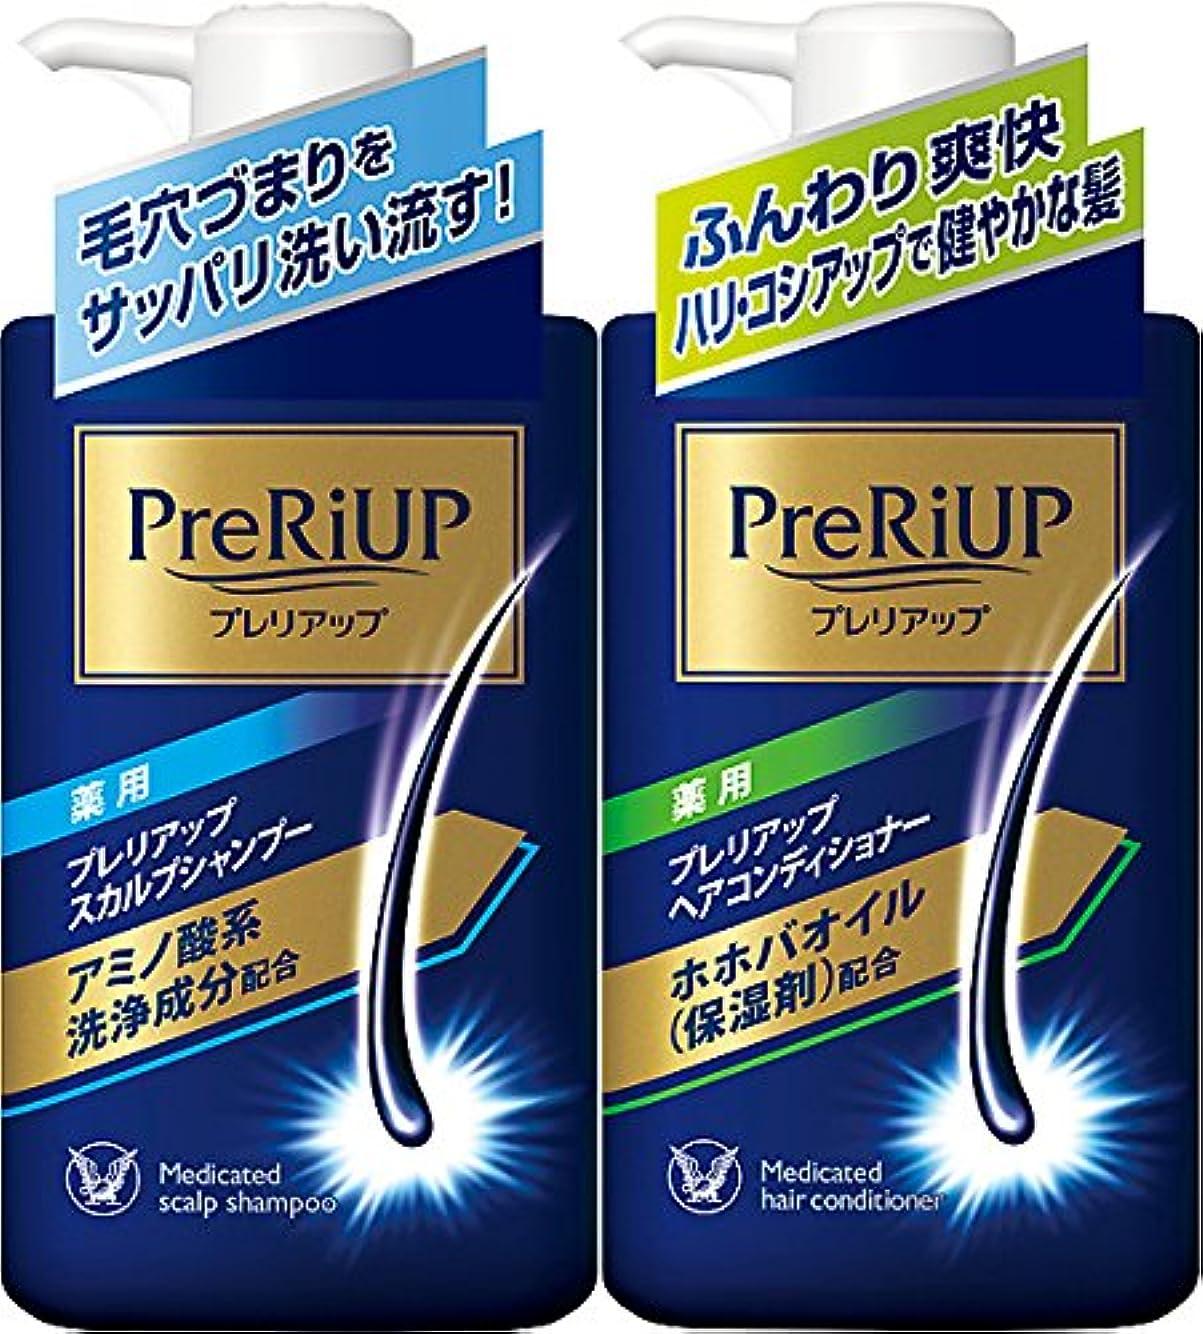 適切なフィット静かに【ポンプペアセット】薬用プレリアップ スカルプシャンプー 400ml & ヘアコンディショナー 400g